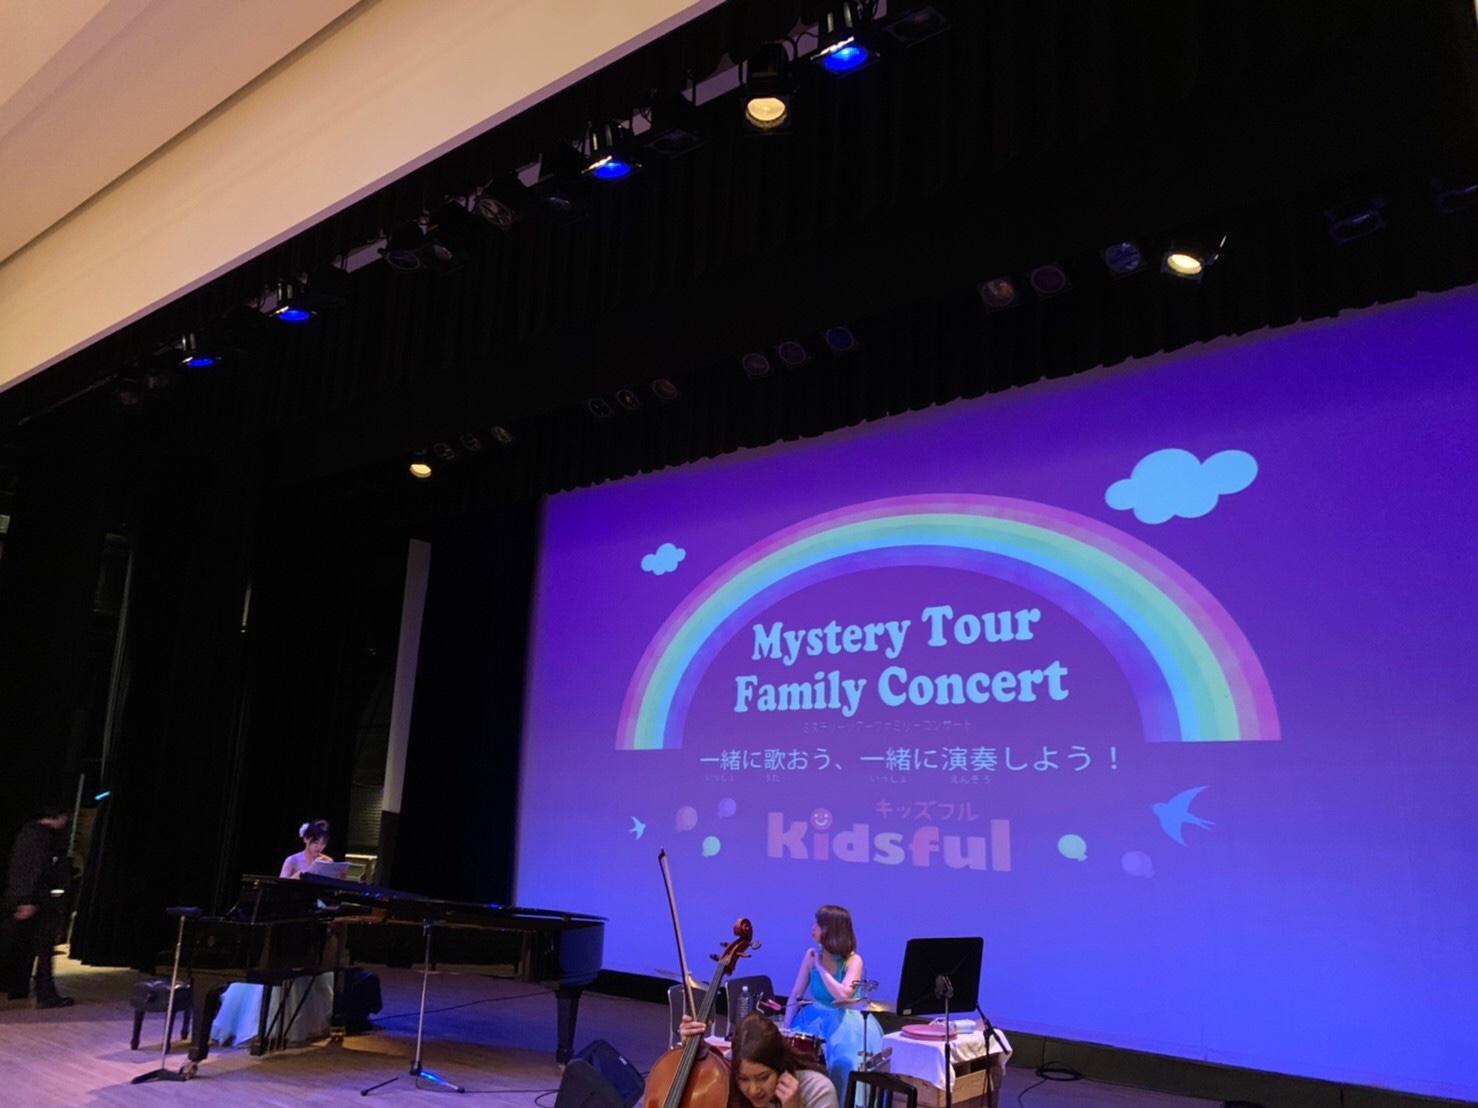 子供から大人まで楽しめるコンサートを作りました